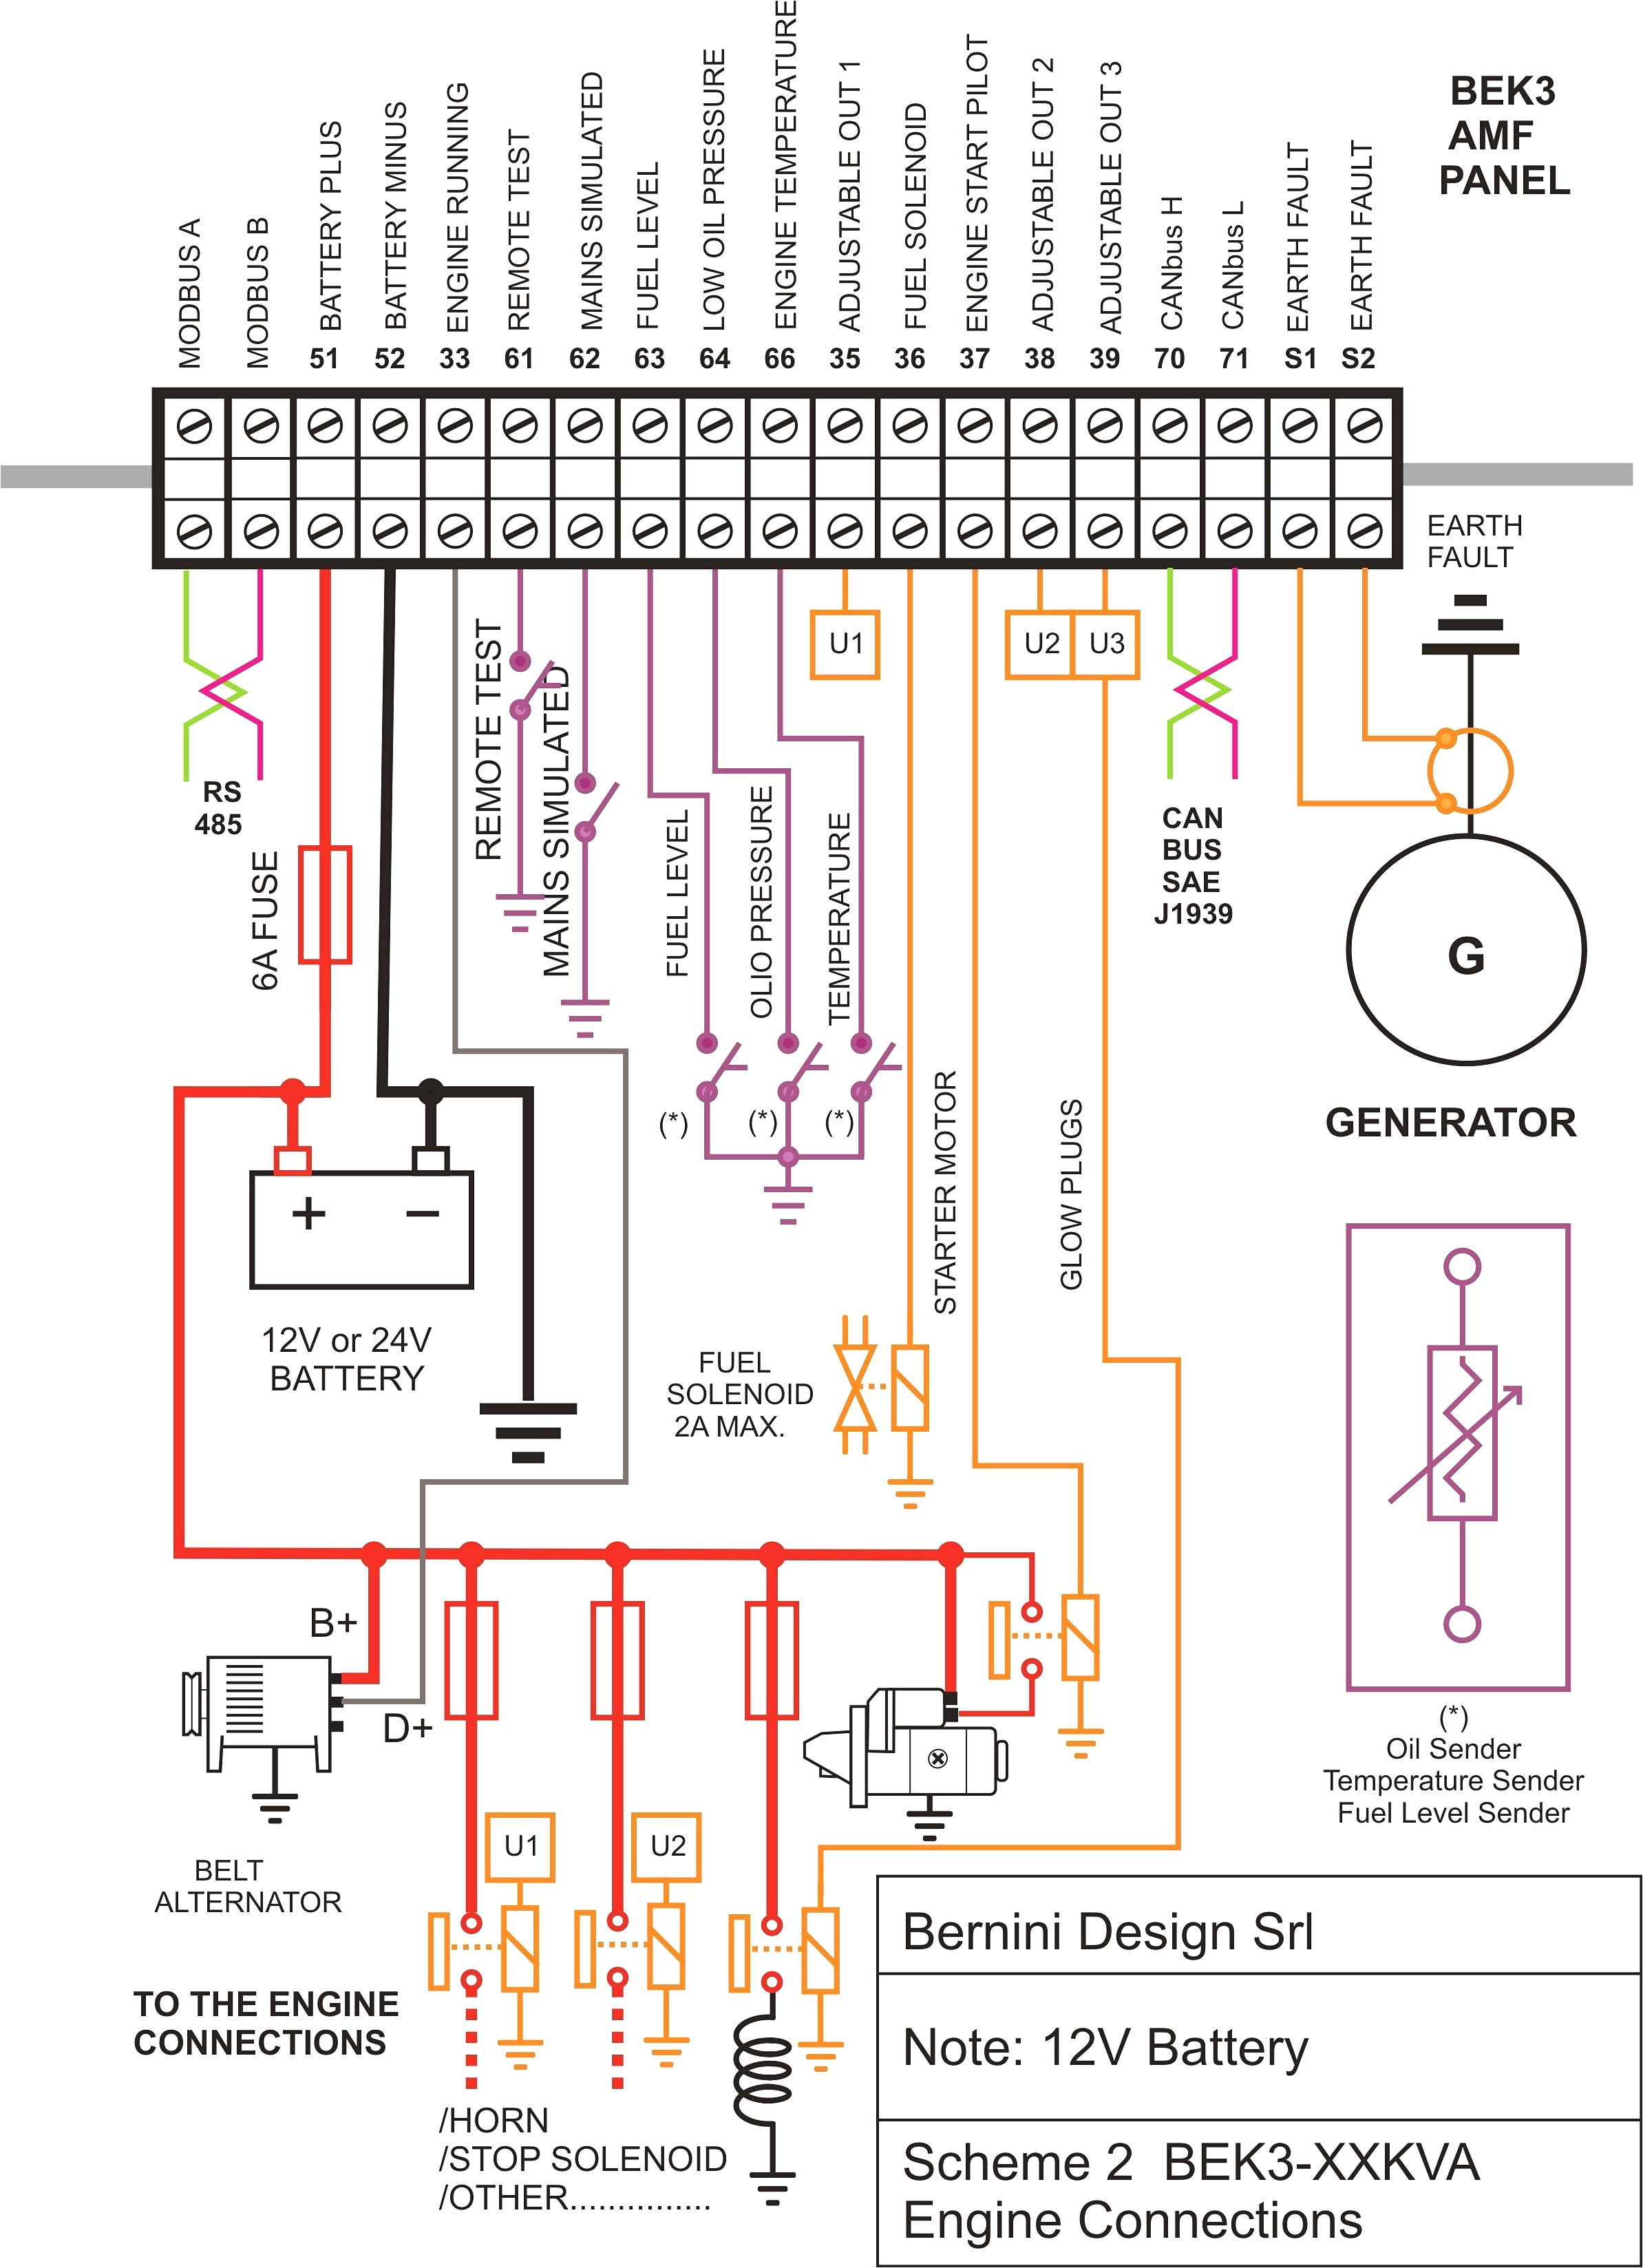 Notifier Sfp 2404 Wiring Diagram Notifier Sfp 2404 Wiring Diagram Unique Notifier Sfp 2404 Wiring